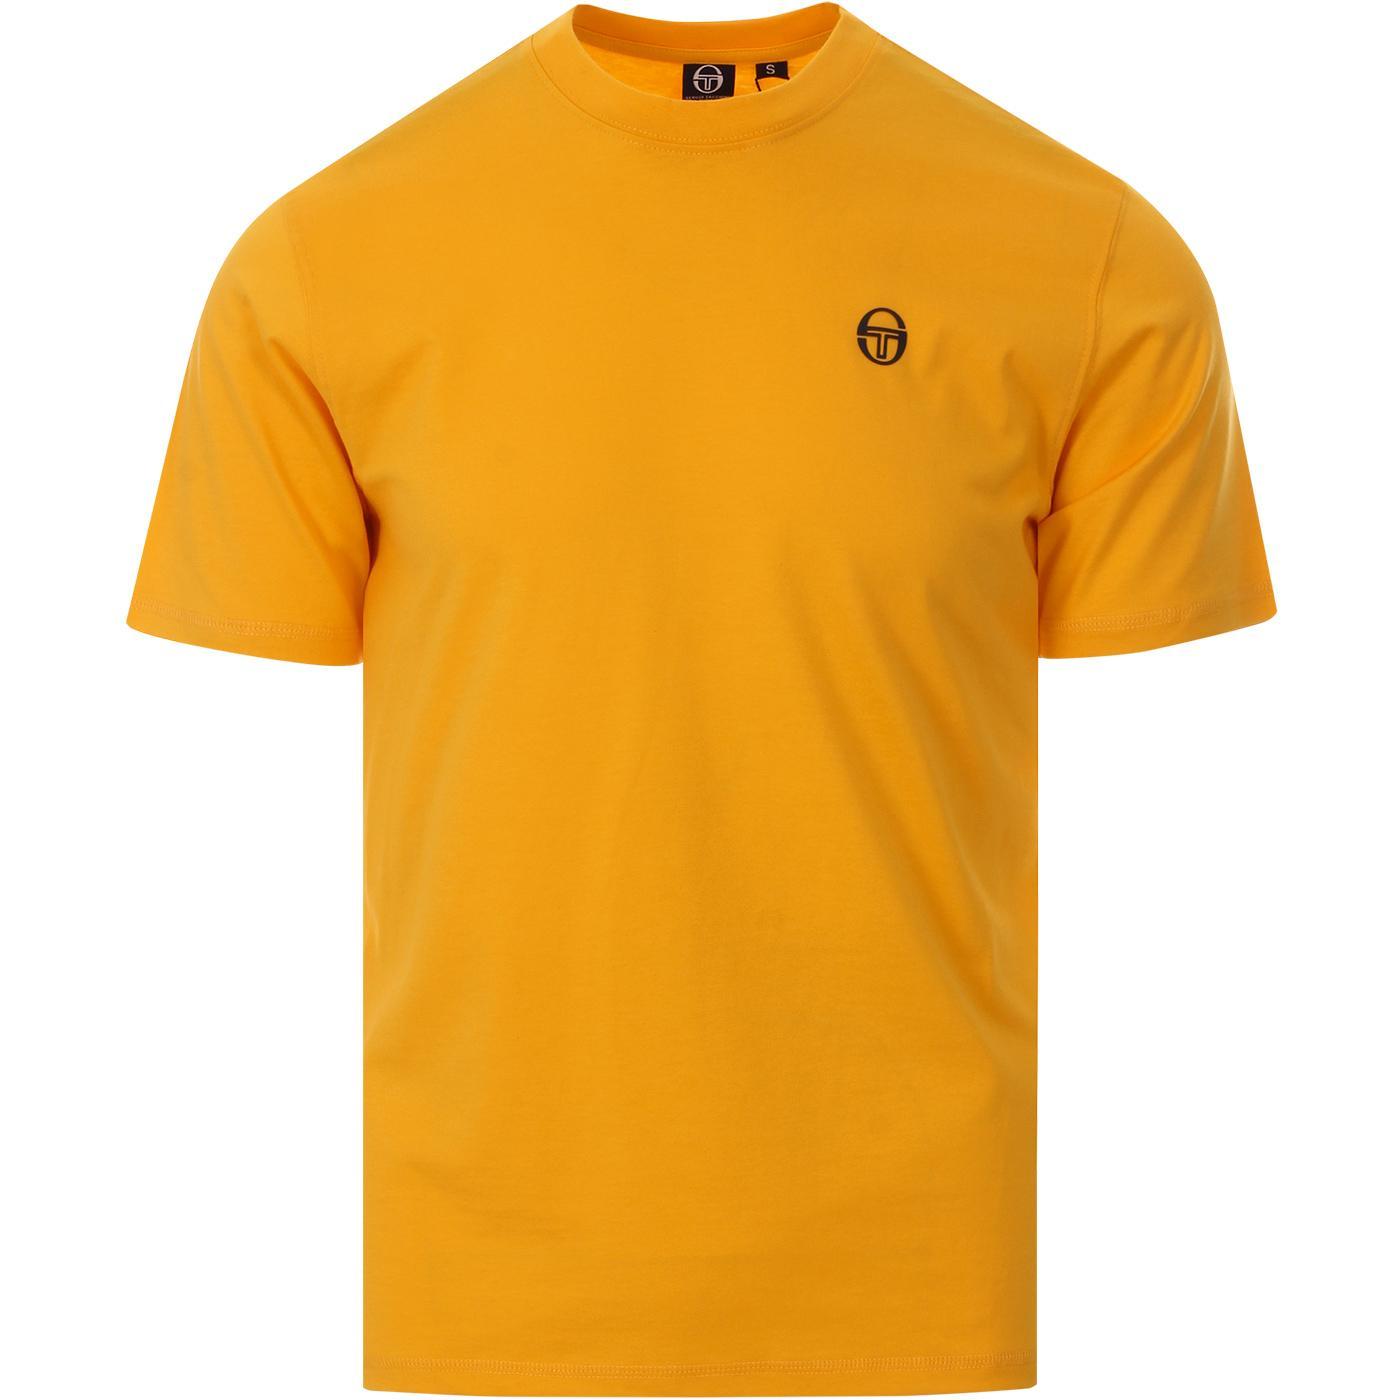 Run 020 SERGIO TACCHINI Retro Logo Tee (Yellow)